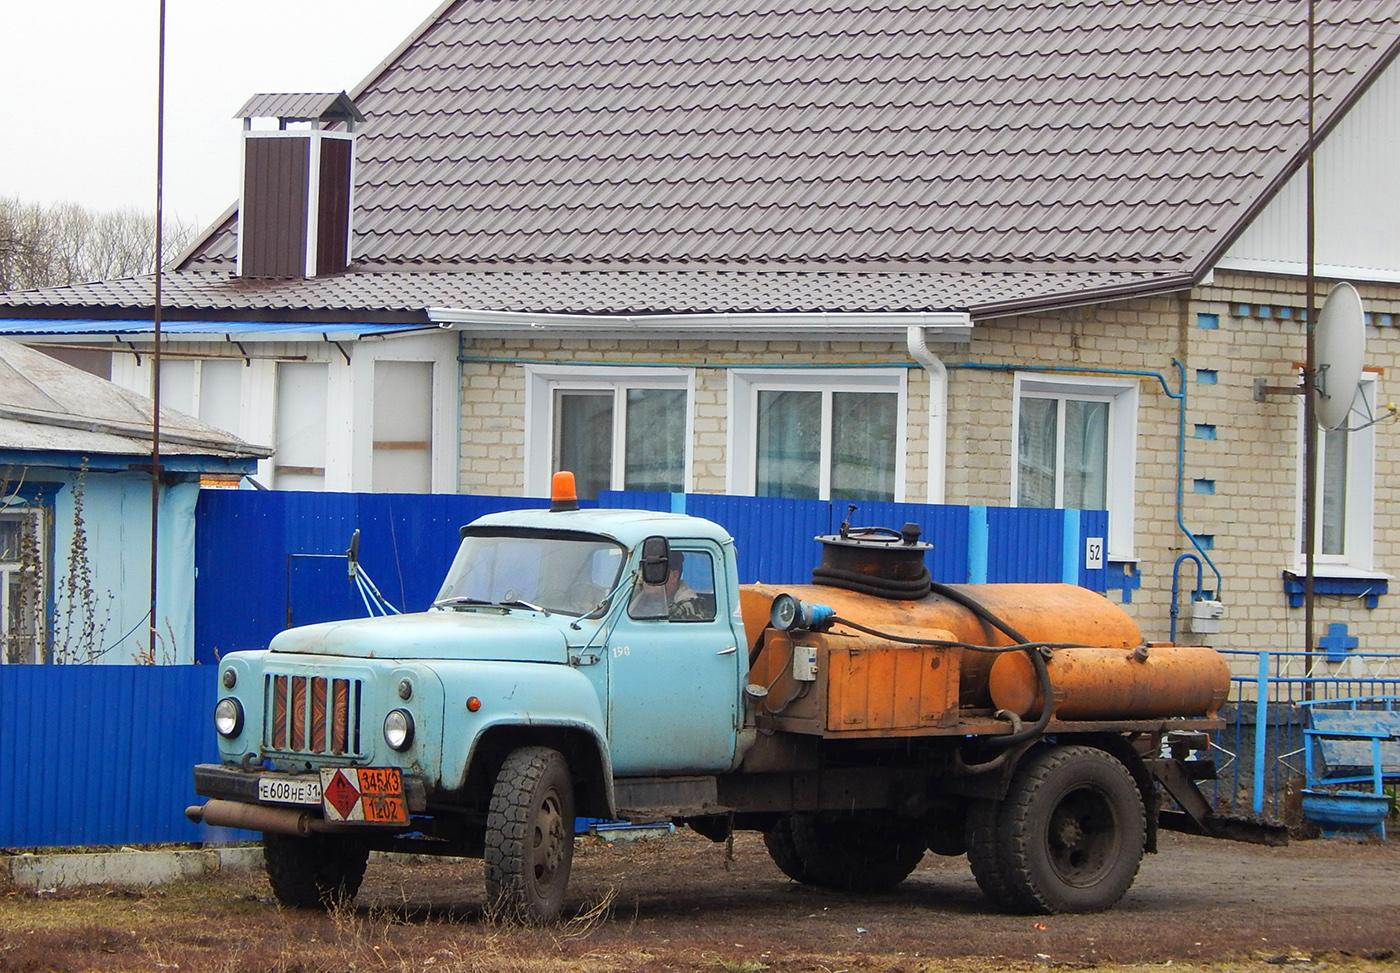 Автотопливозаправщик модели 3607 на шасси ГАЗ-52-01 # Е 608 НЕ 31. Белгородская область, Алексеевский район, с. Иловка